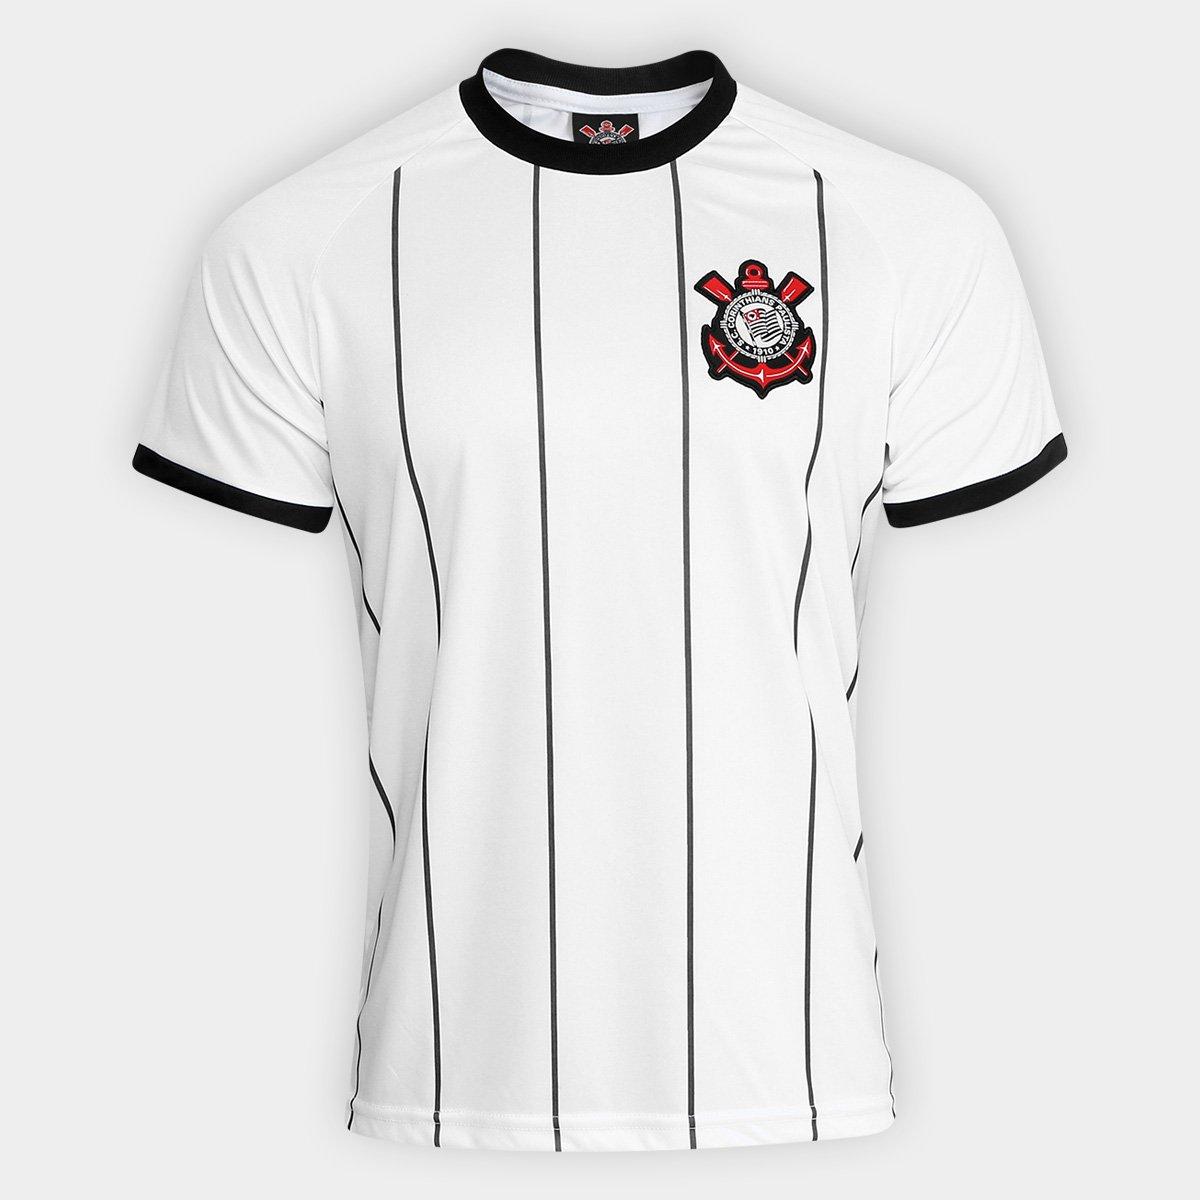 Camisa Corinthians Fenomenal - Edição Limitada Torcedor C Patch ... f5acb8707a000